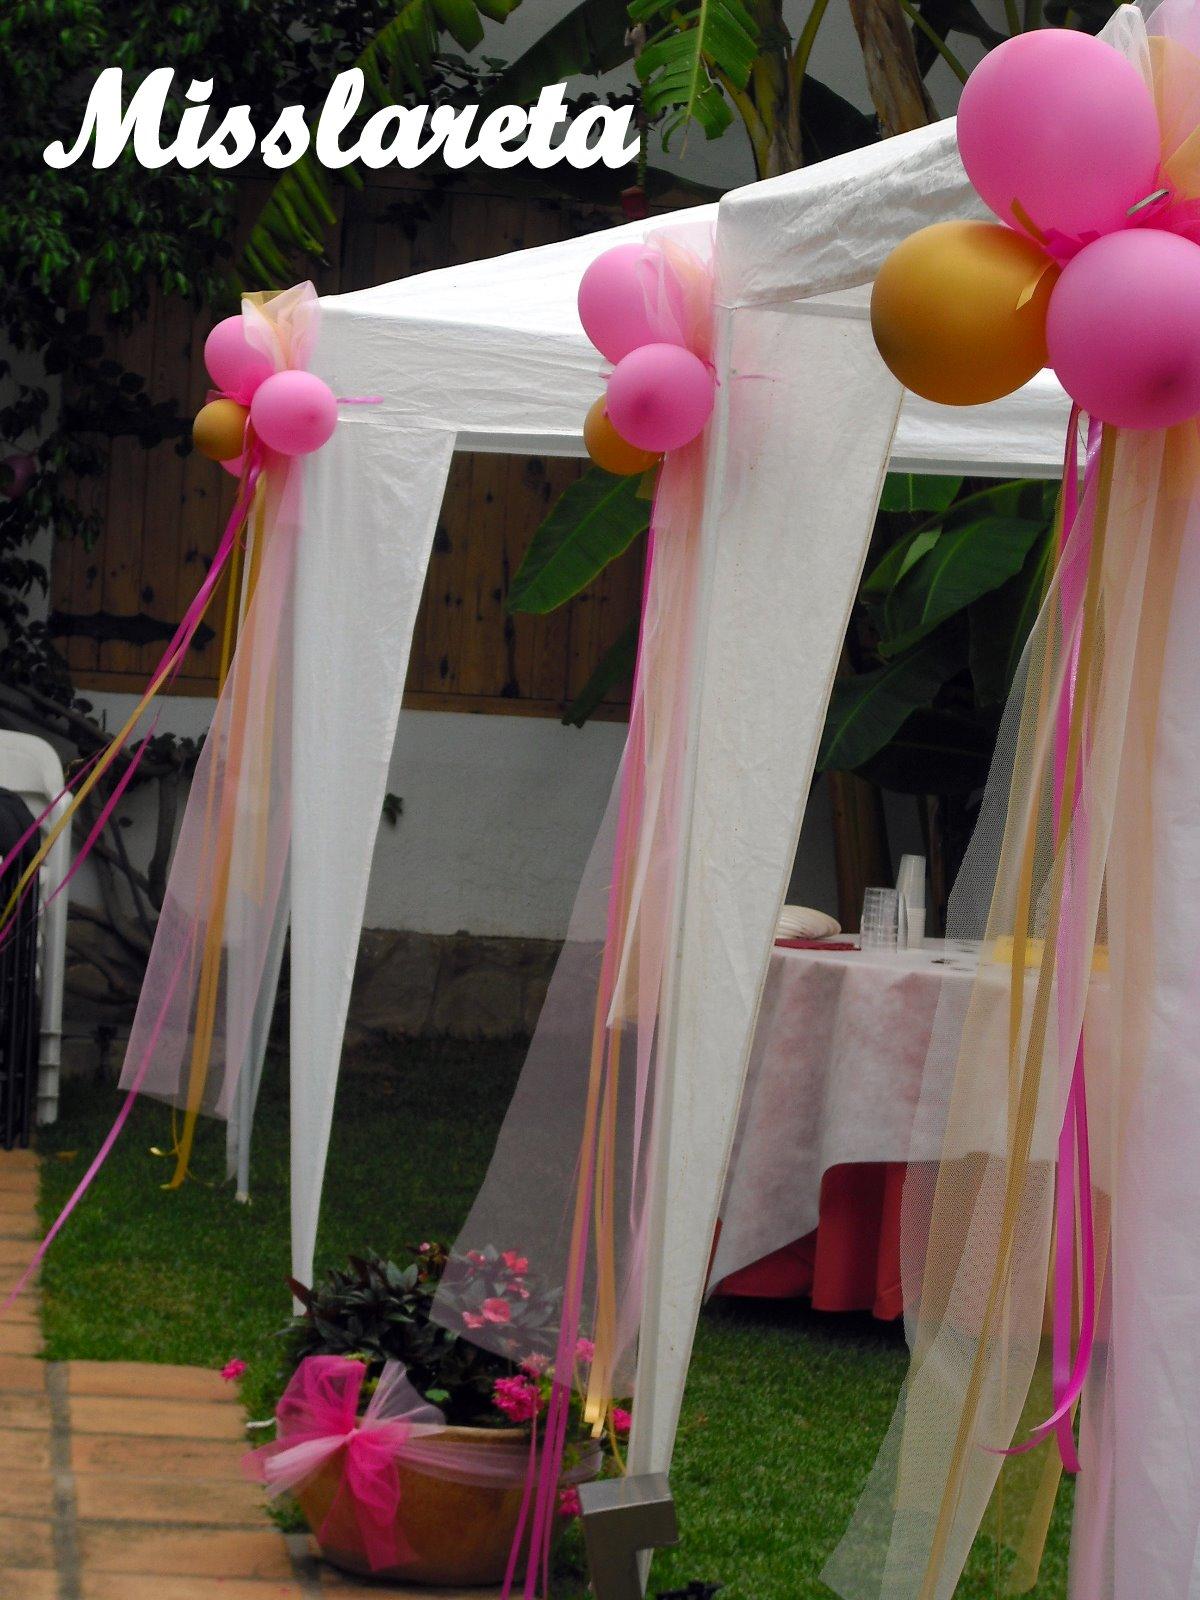 Bautizo Decoracion Jardin ~ Las carpas estaban decoradas con grandes lazos de tul y cintas de